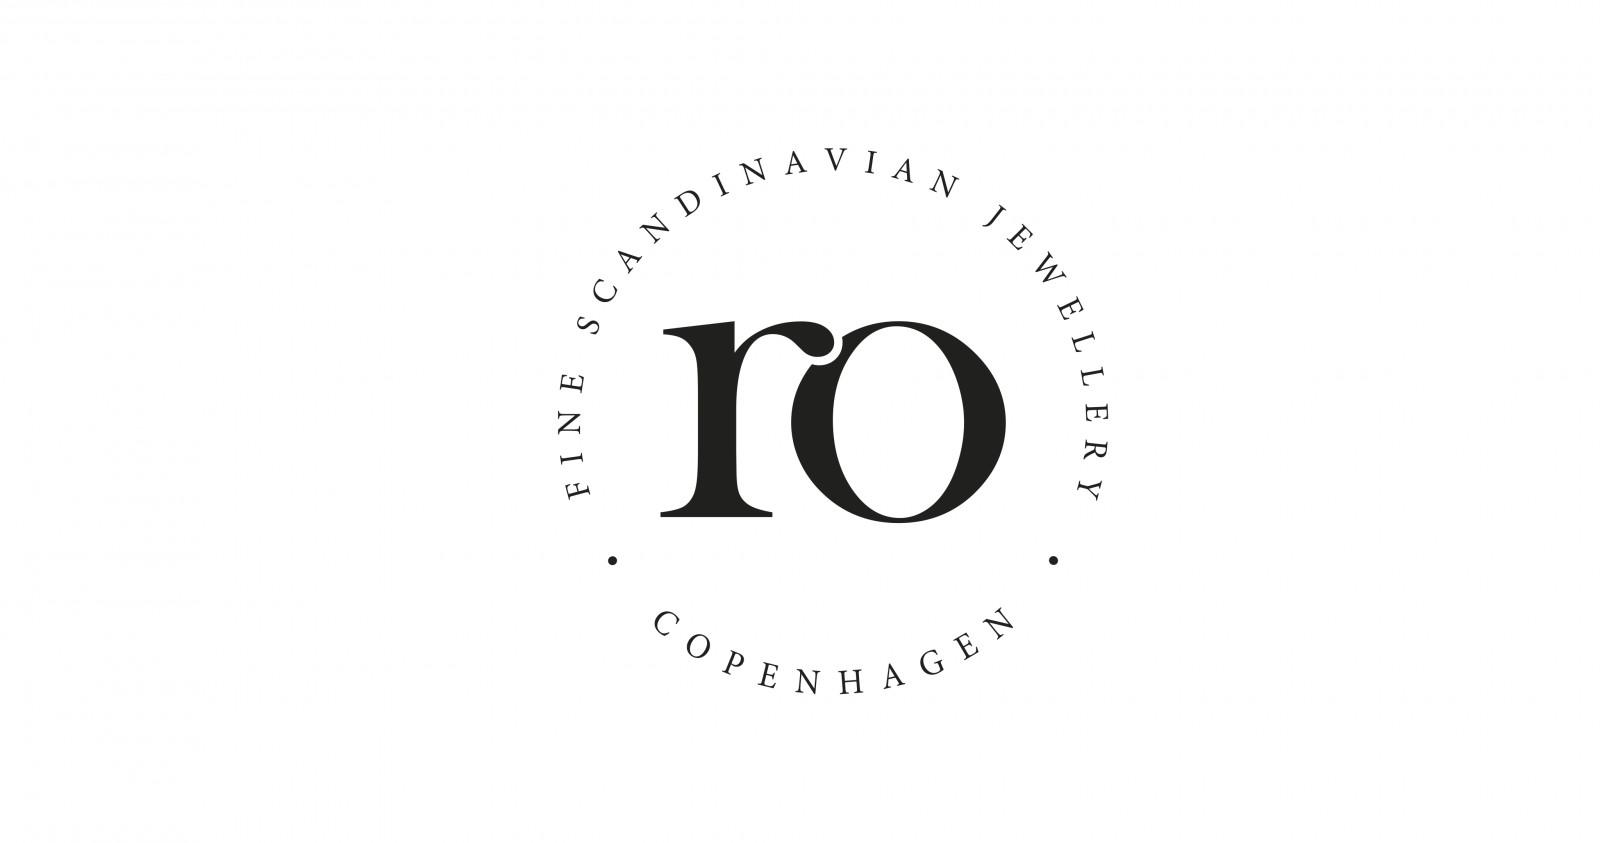 RO COPENHAEGN